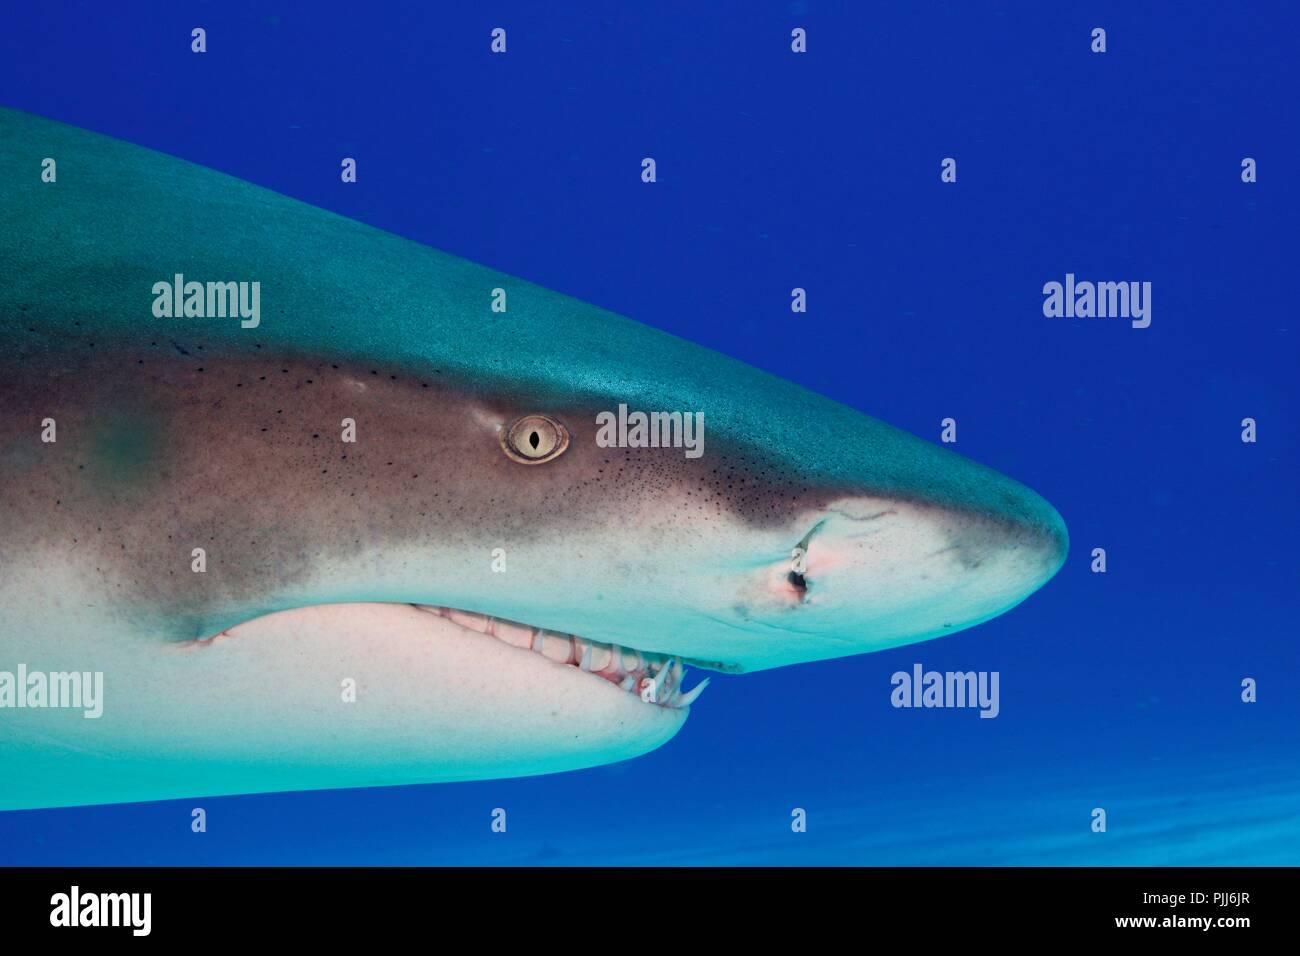 Radical closeup, Lemon Shark, in Shark Paradise, Bahamas - Stock Image